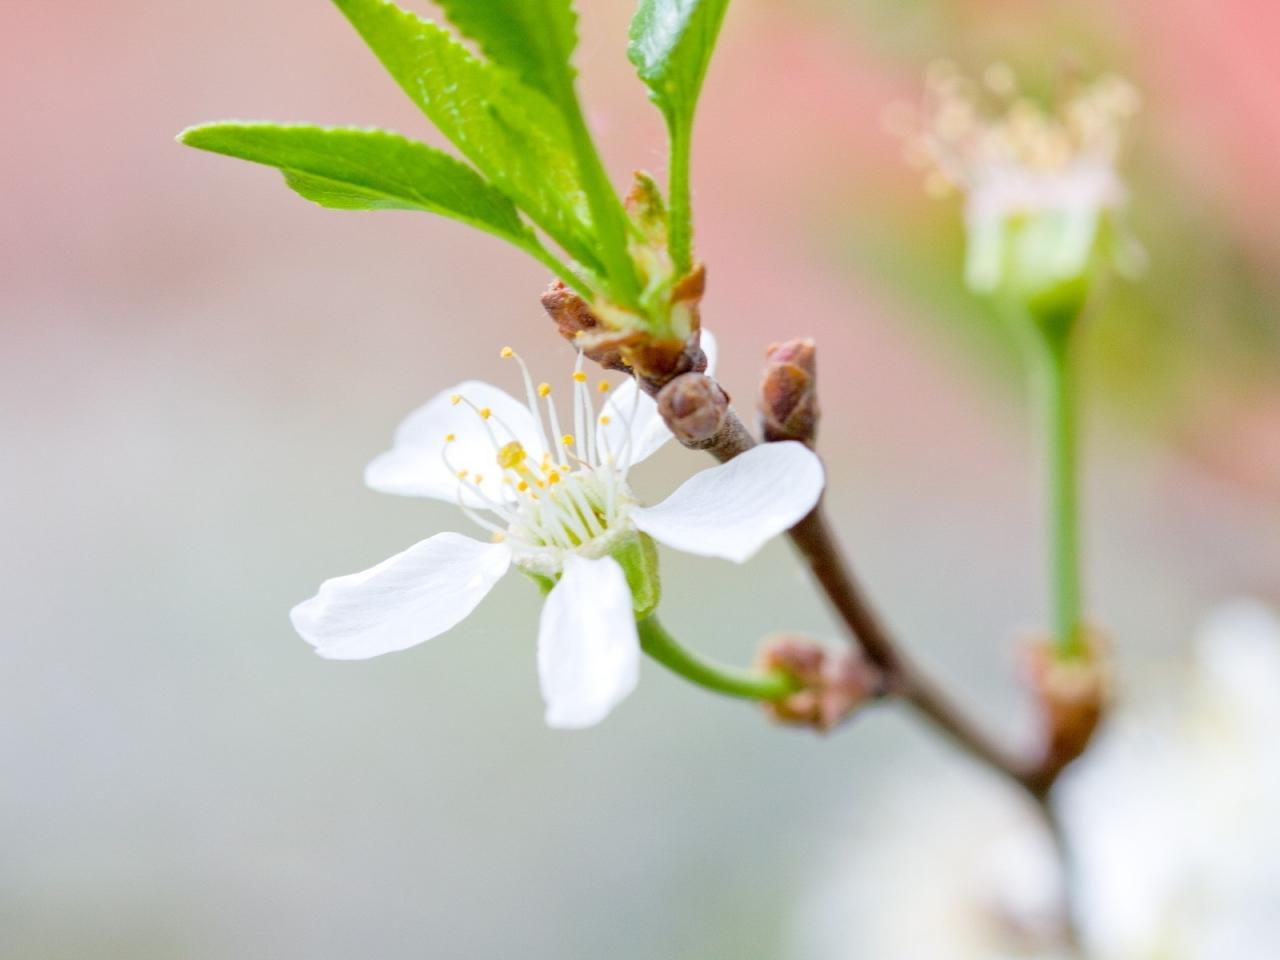 Una hermosa flor blanca - 1280x960